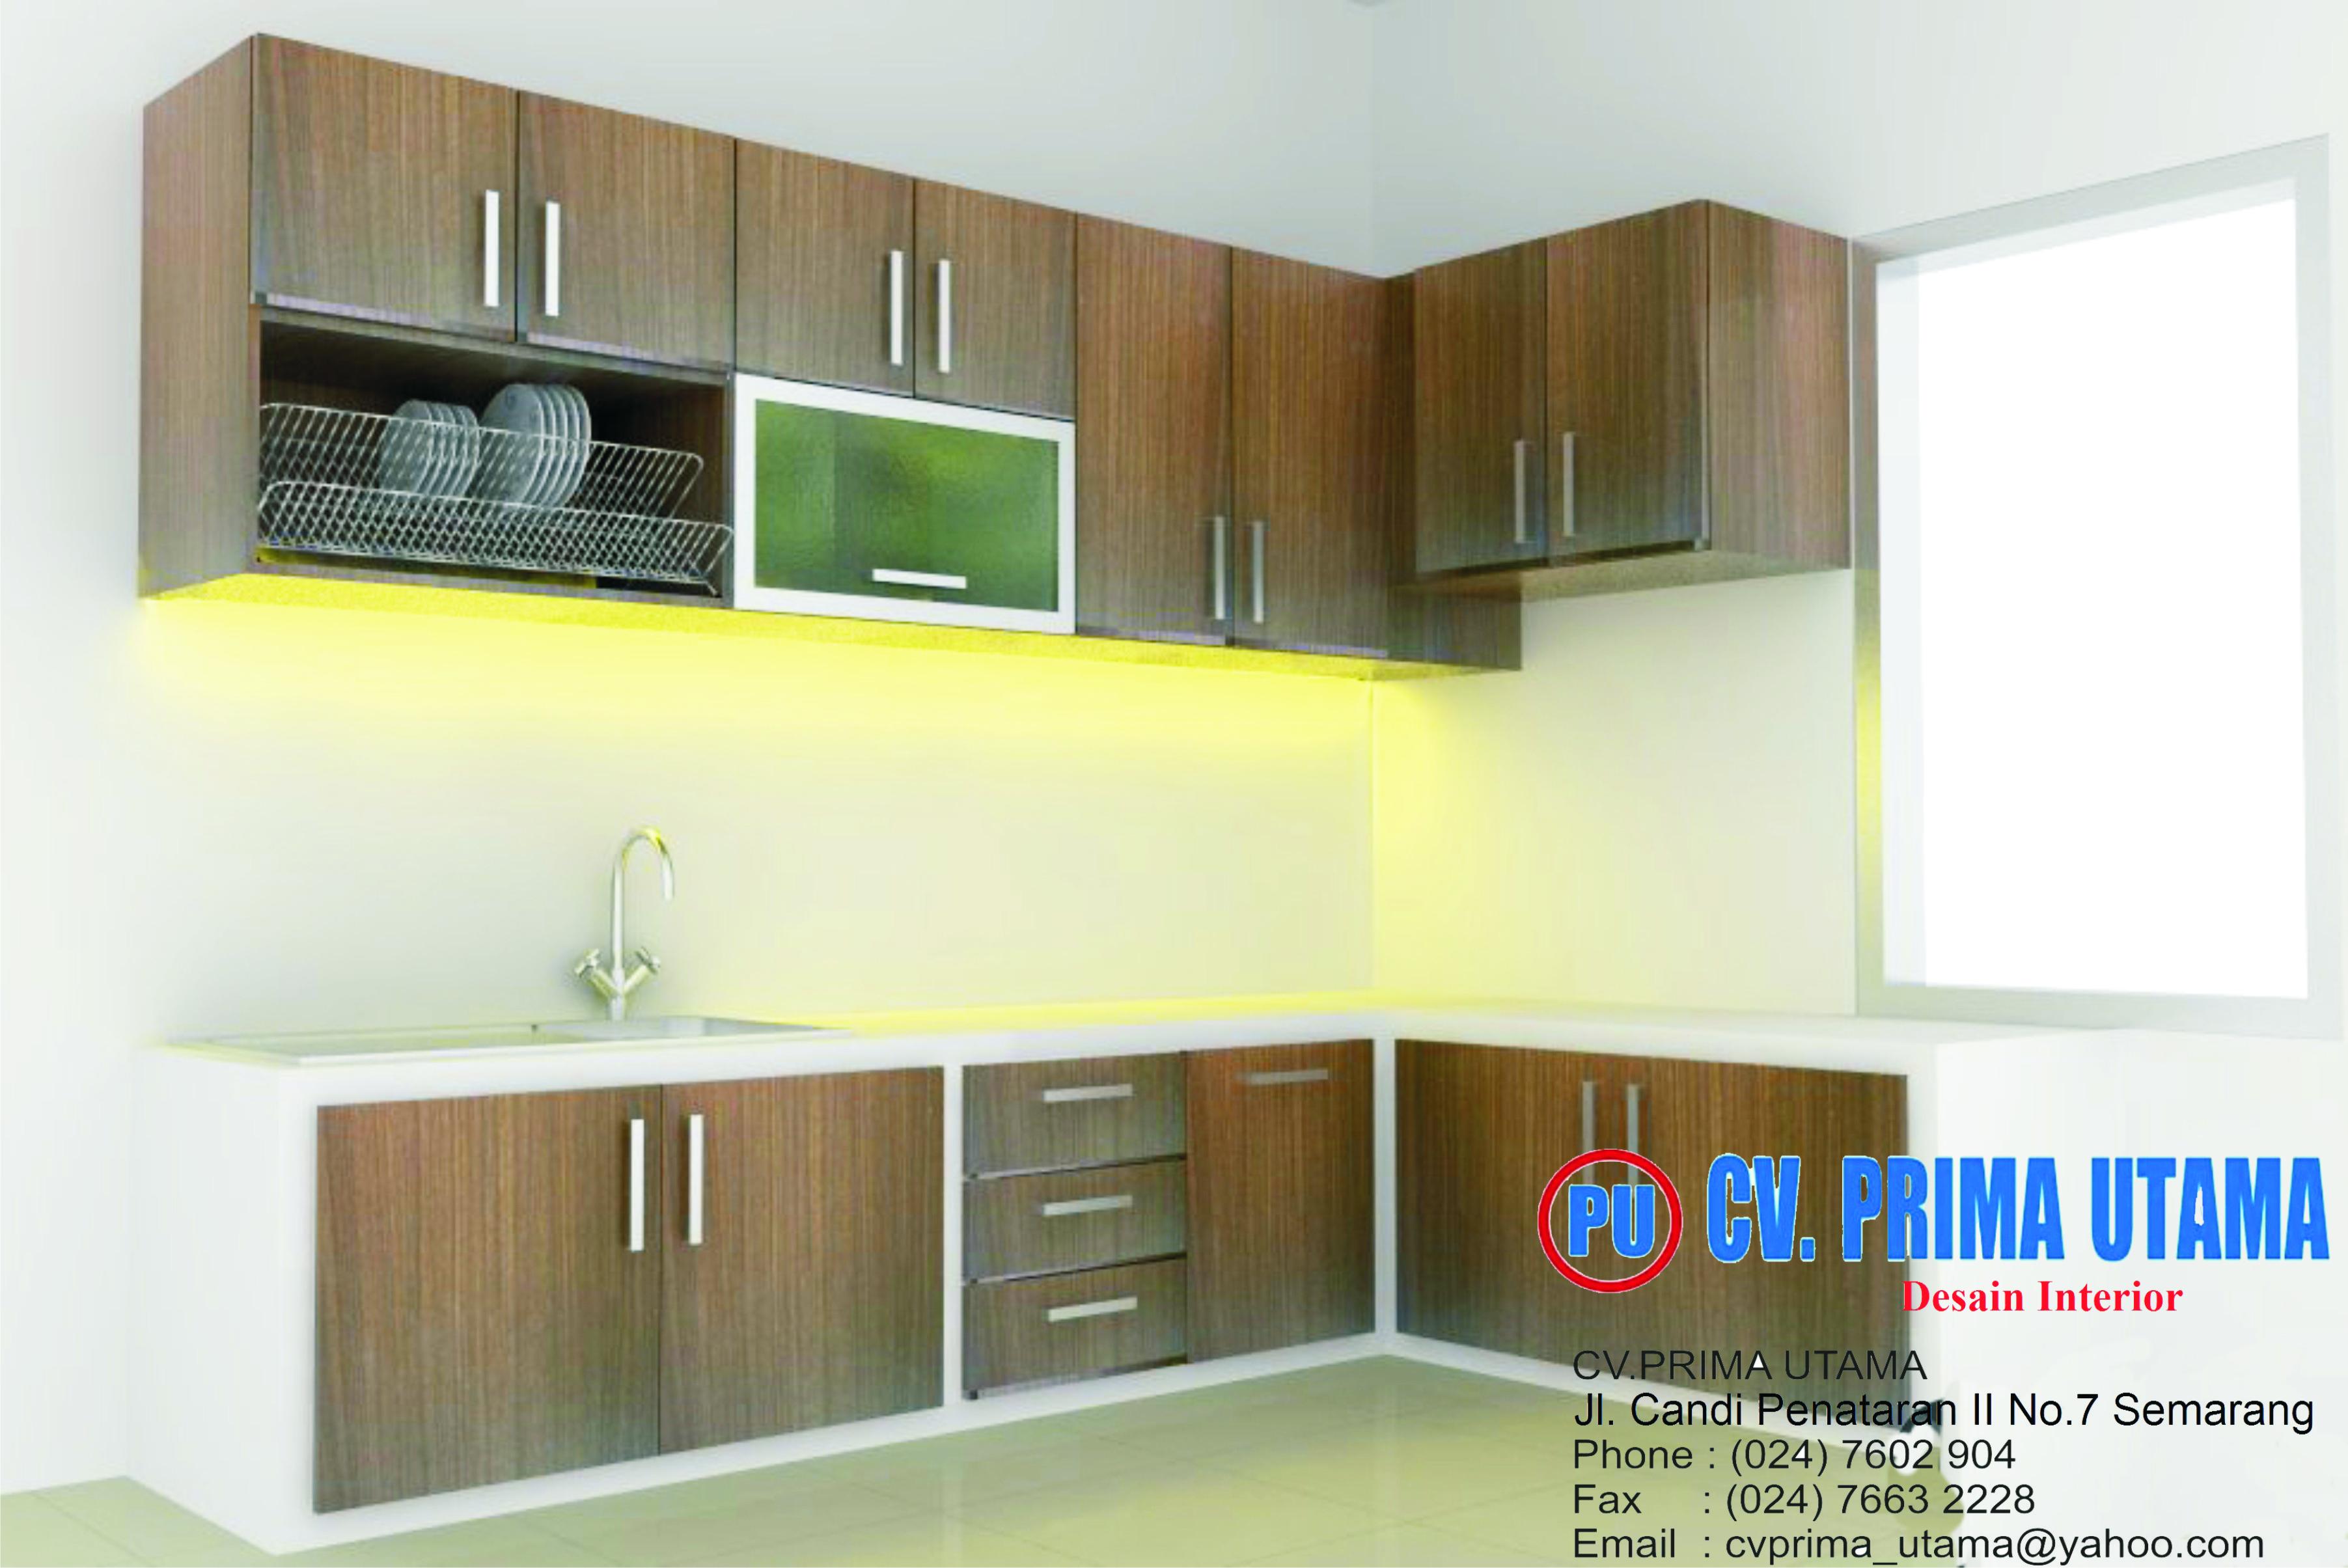 Jasa design interior kitchen set